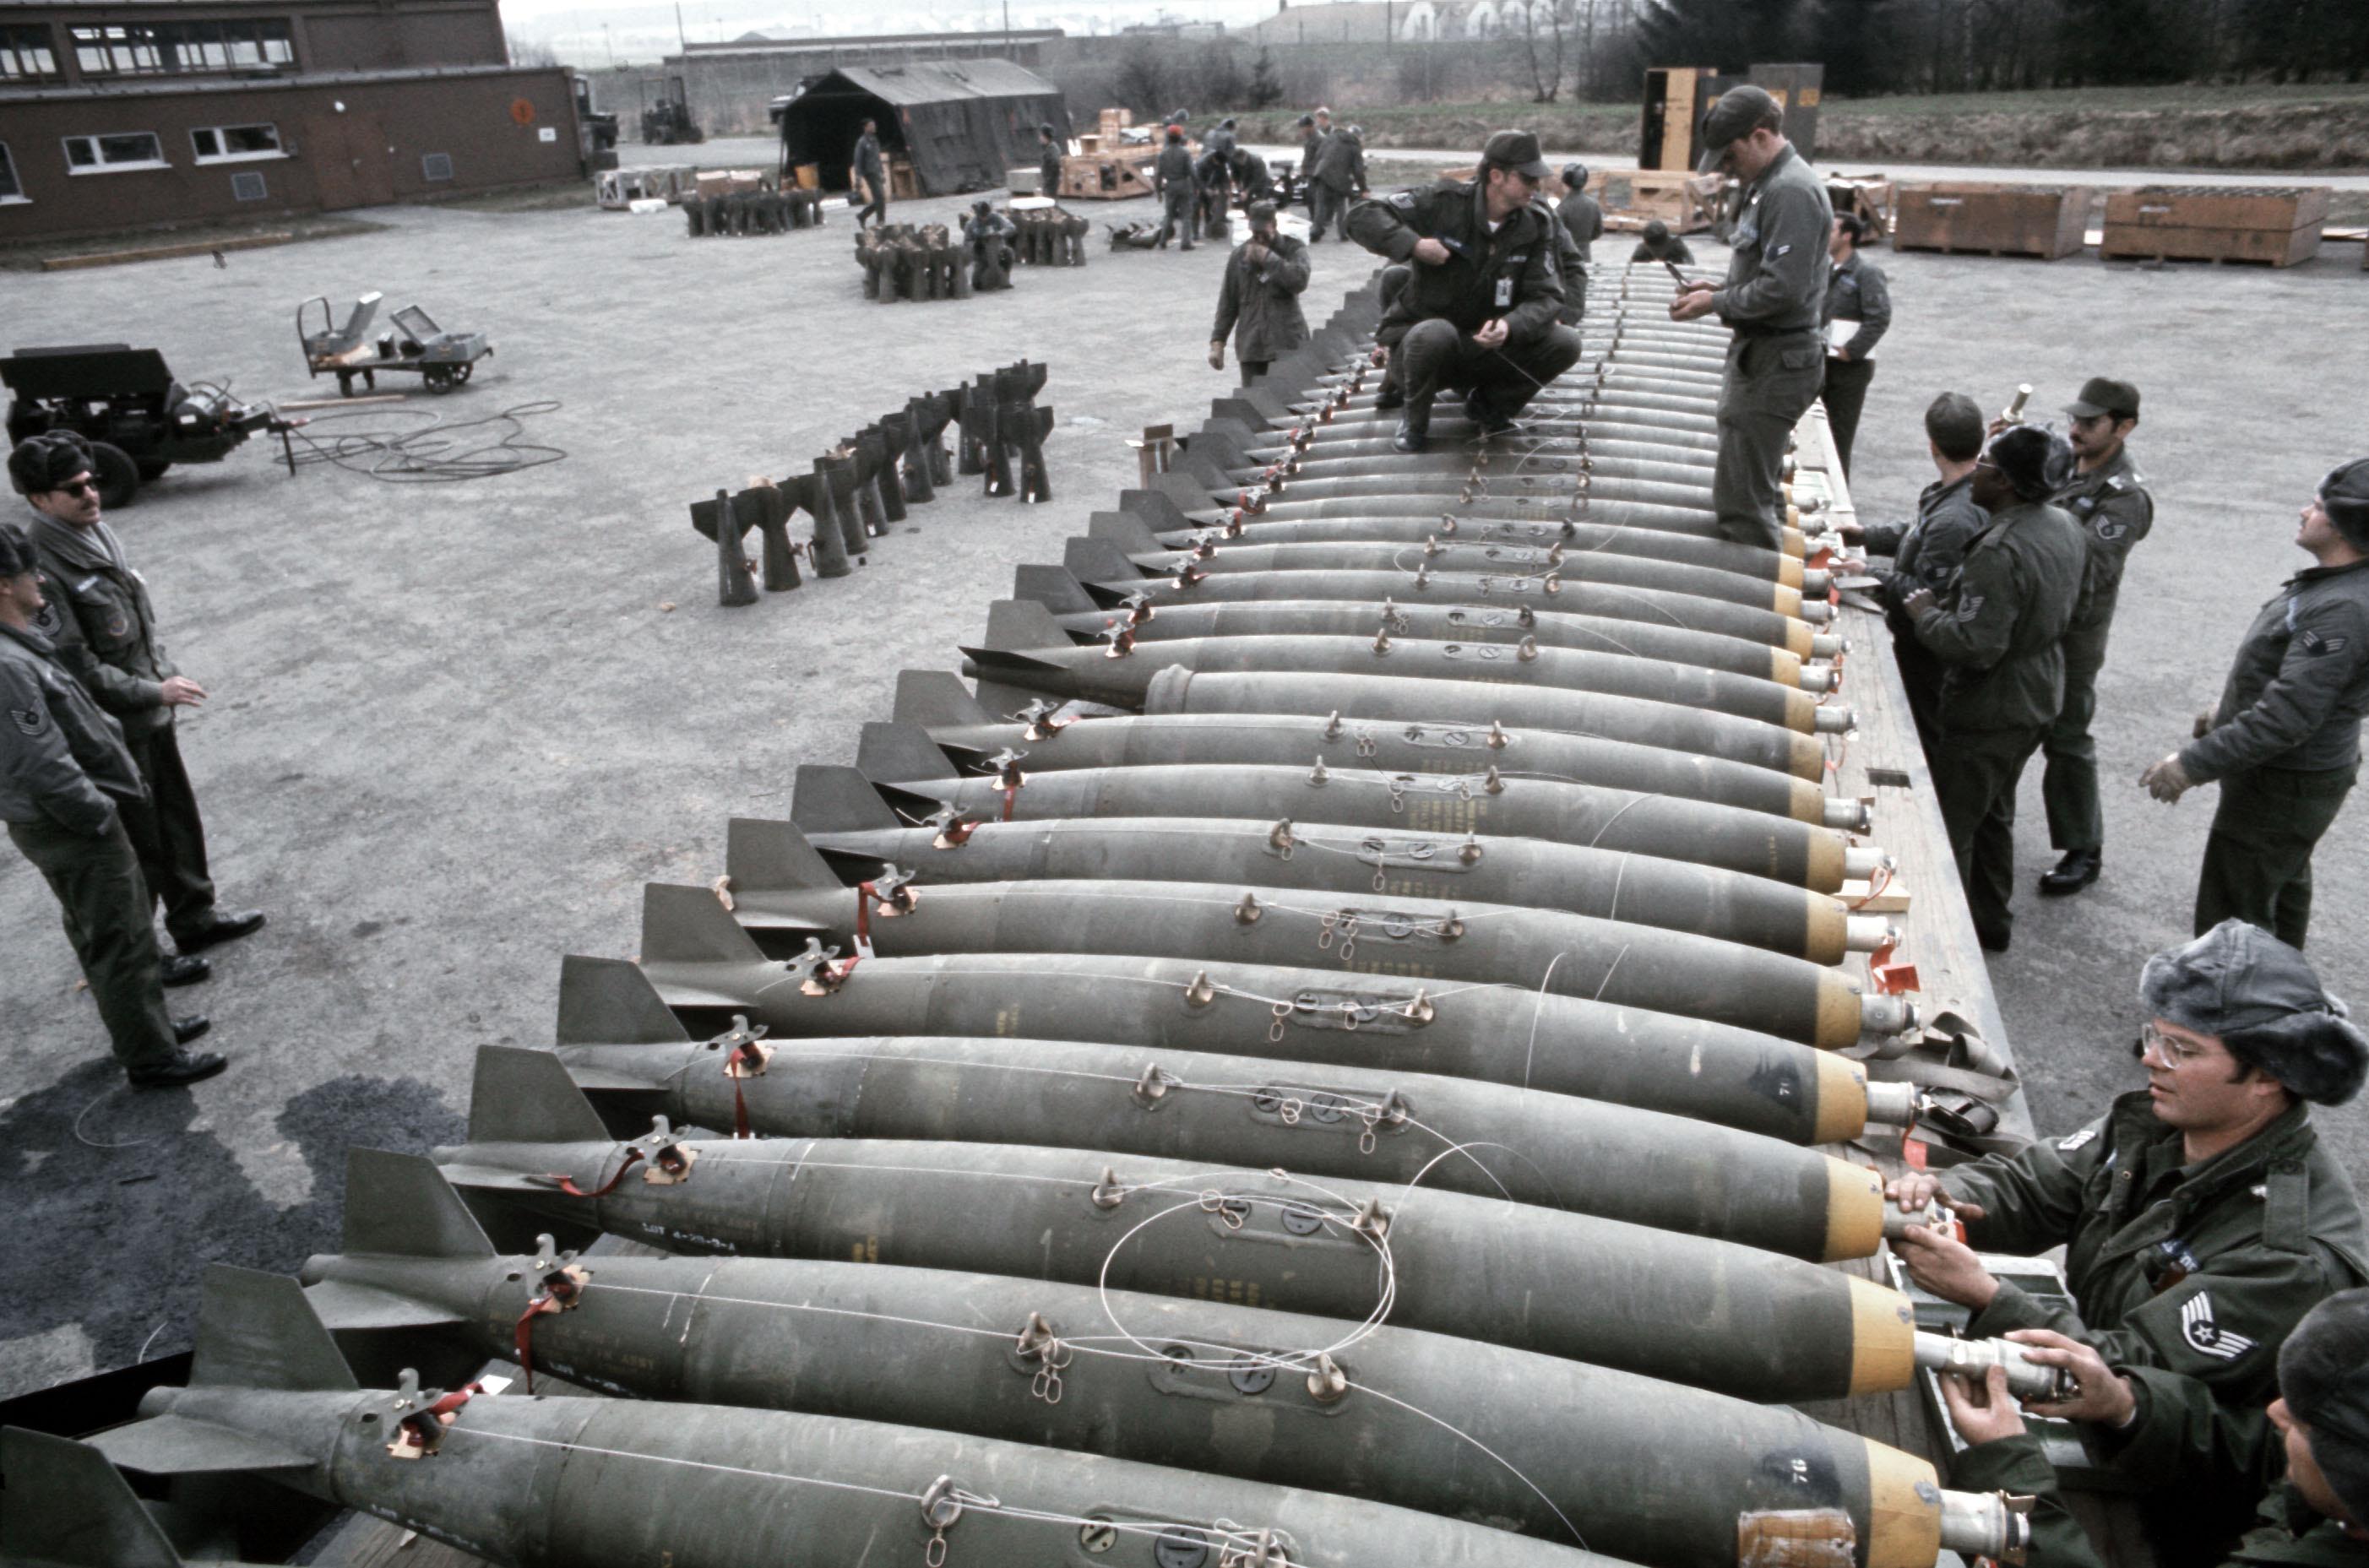 L'actu de la MARINE NATIONALE, de notre défense et de nos alliés /2 - Page 22 Mk_82_bombs_being_armed_Hahn_AB_1978